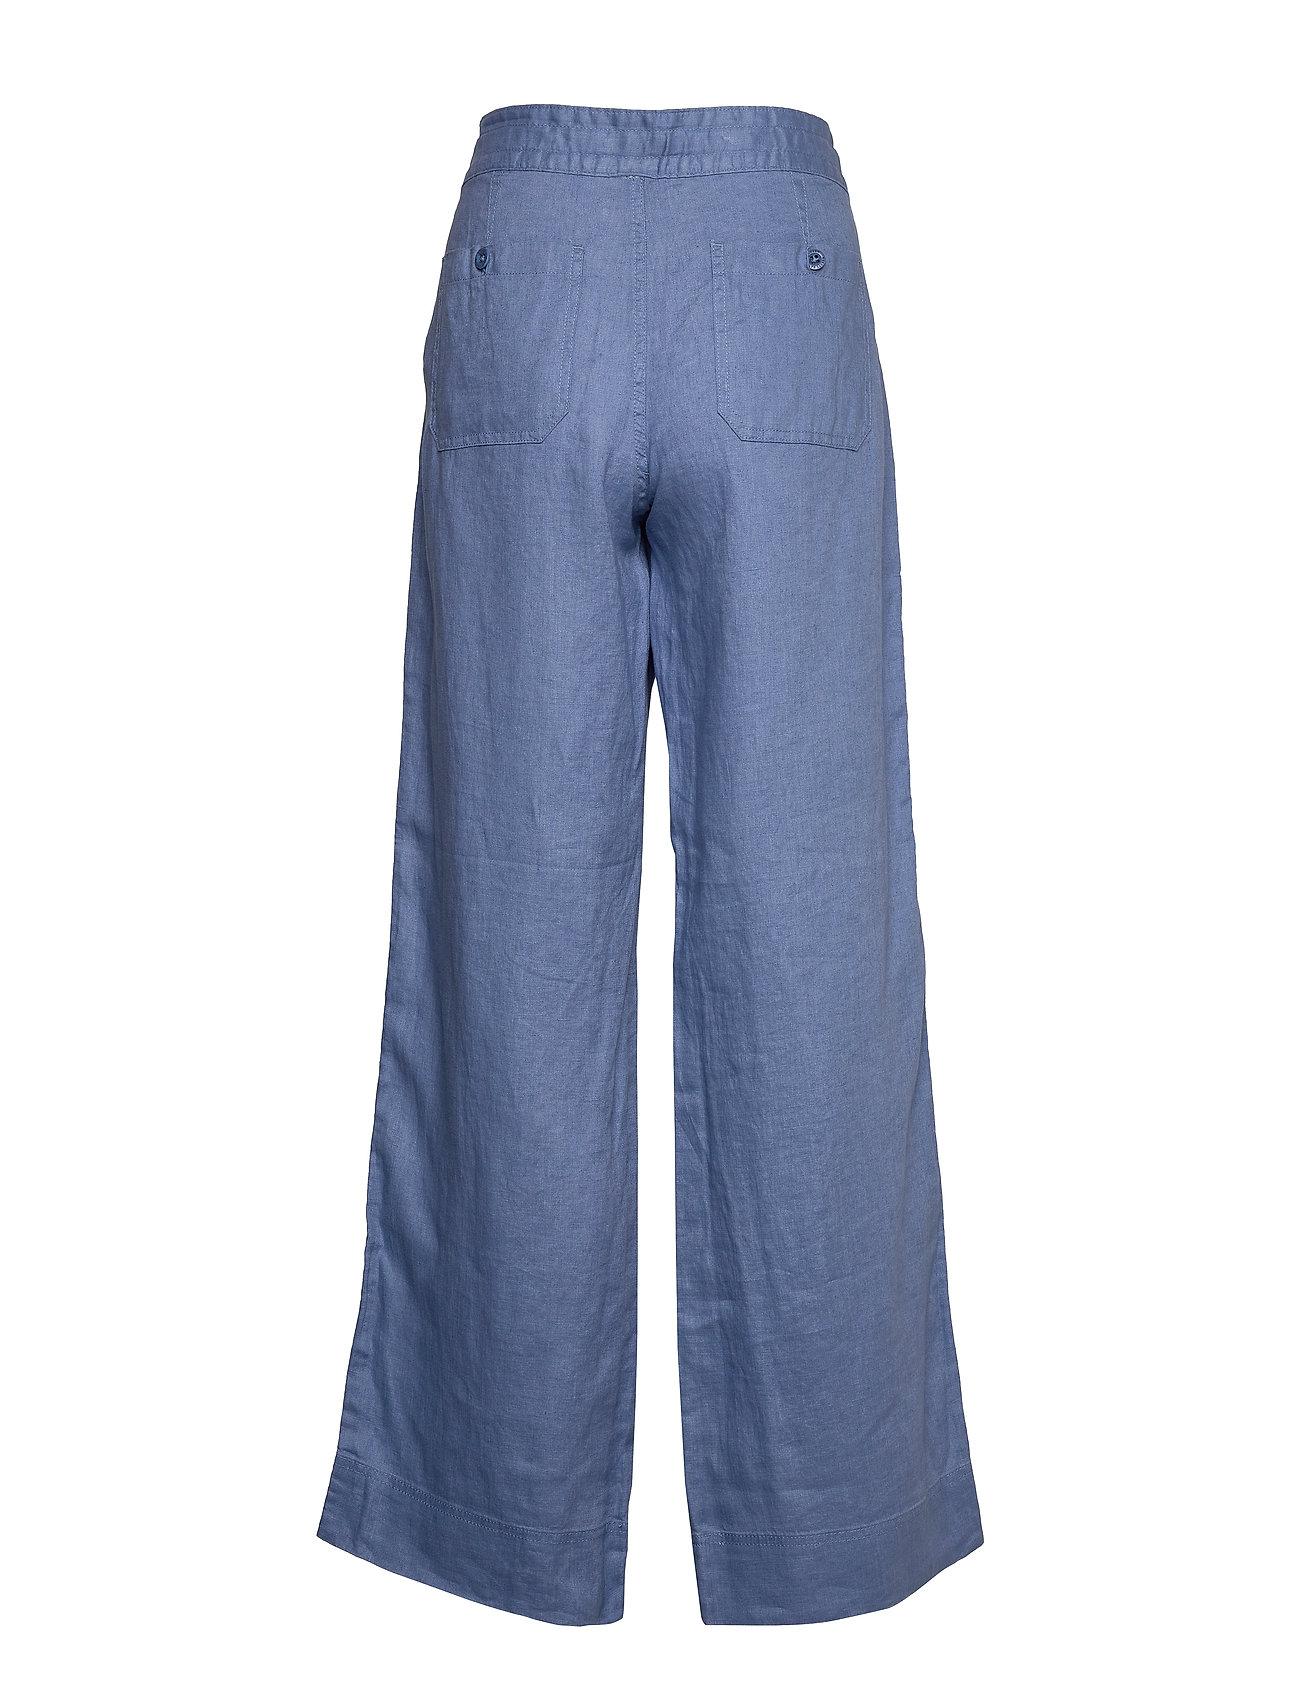 Lauren Ralph Lauren Linen Wide-leg Pant (Dark Sage), 824.25